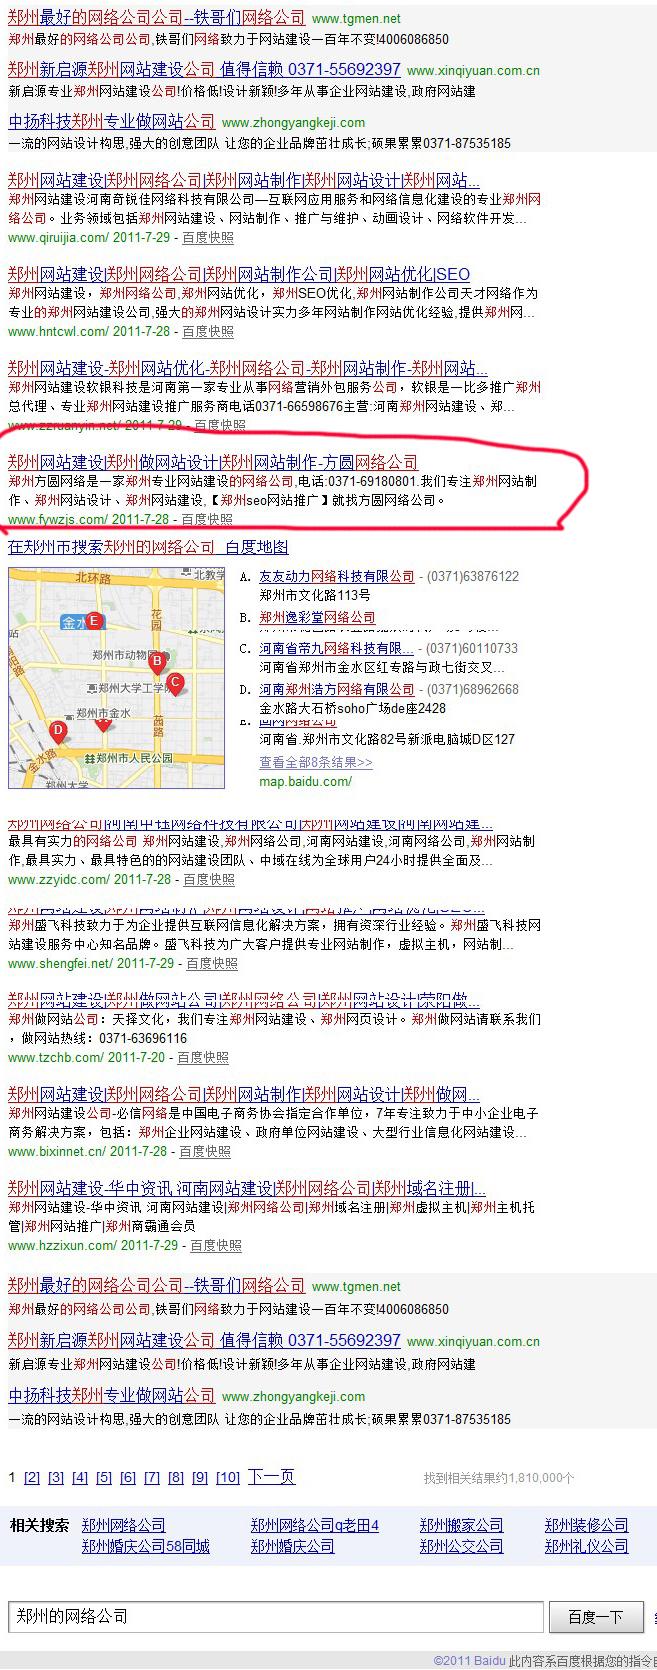 郑州市网络公司